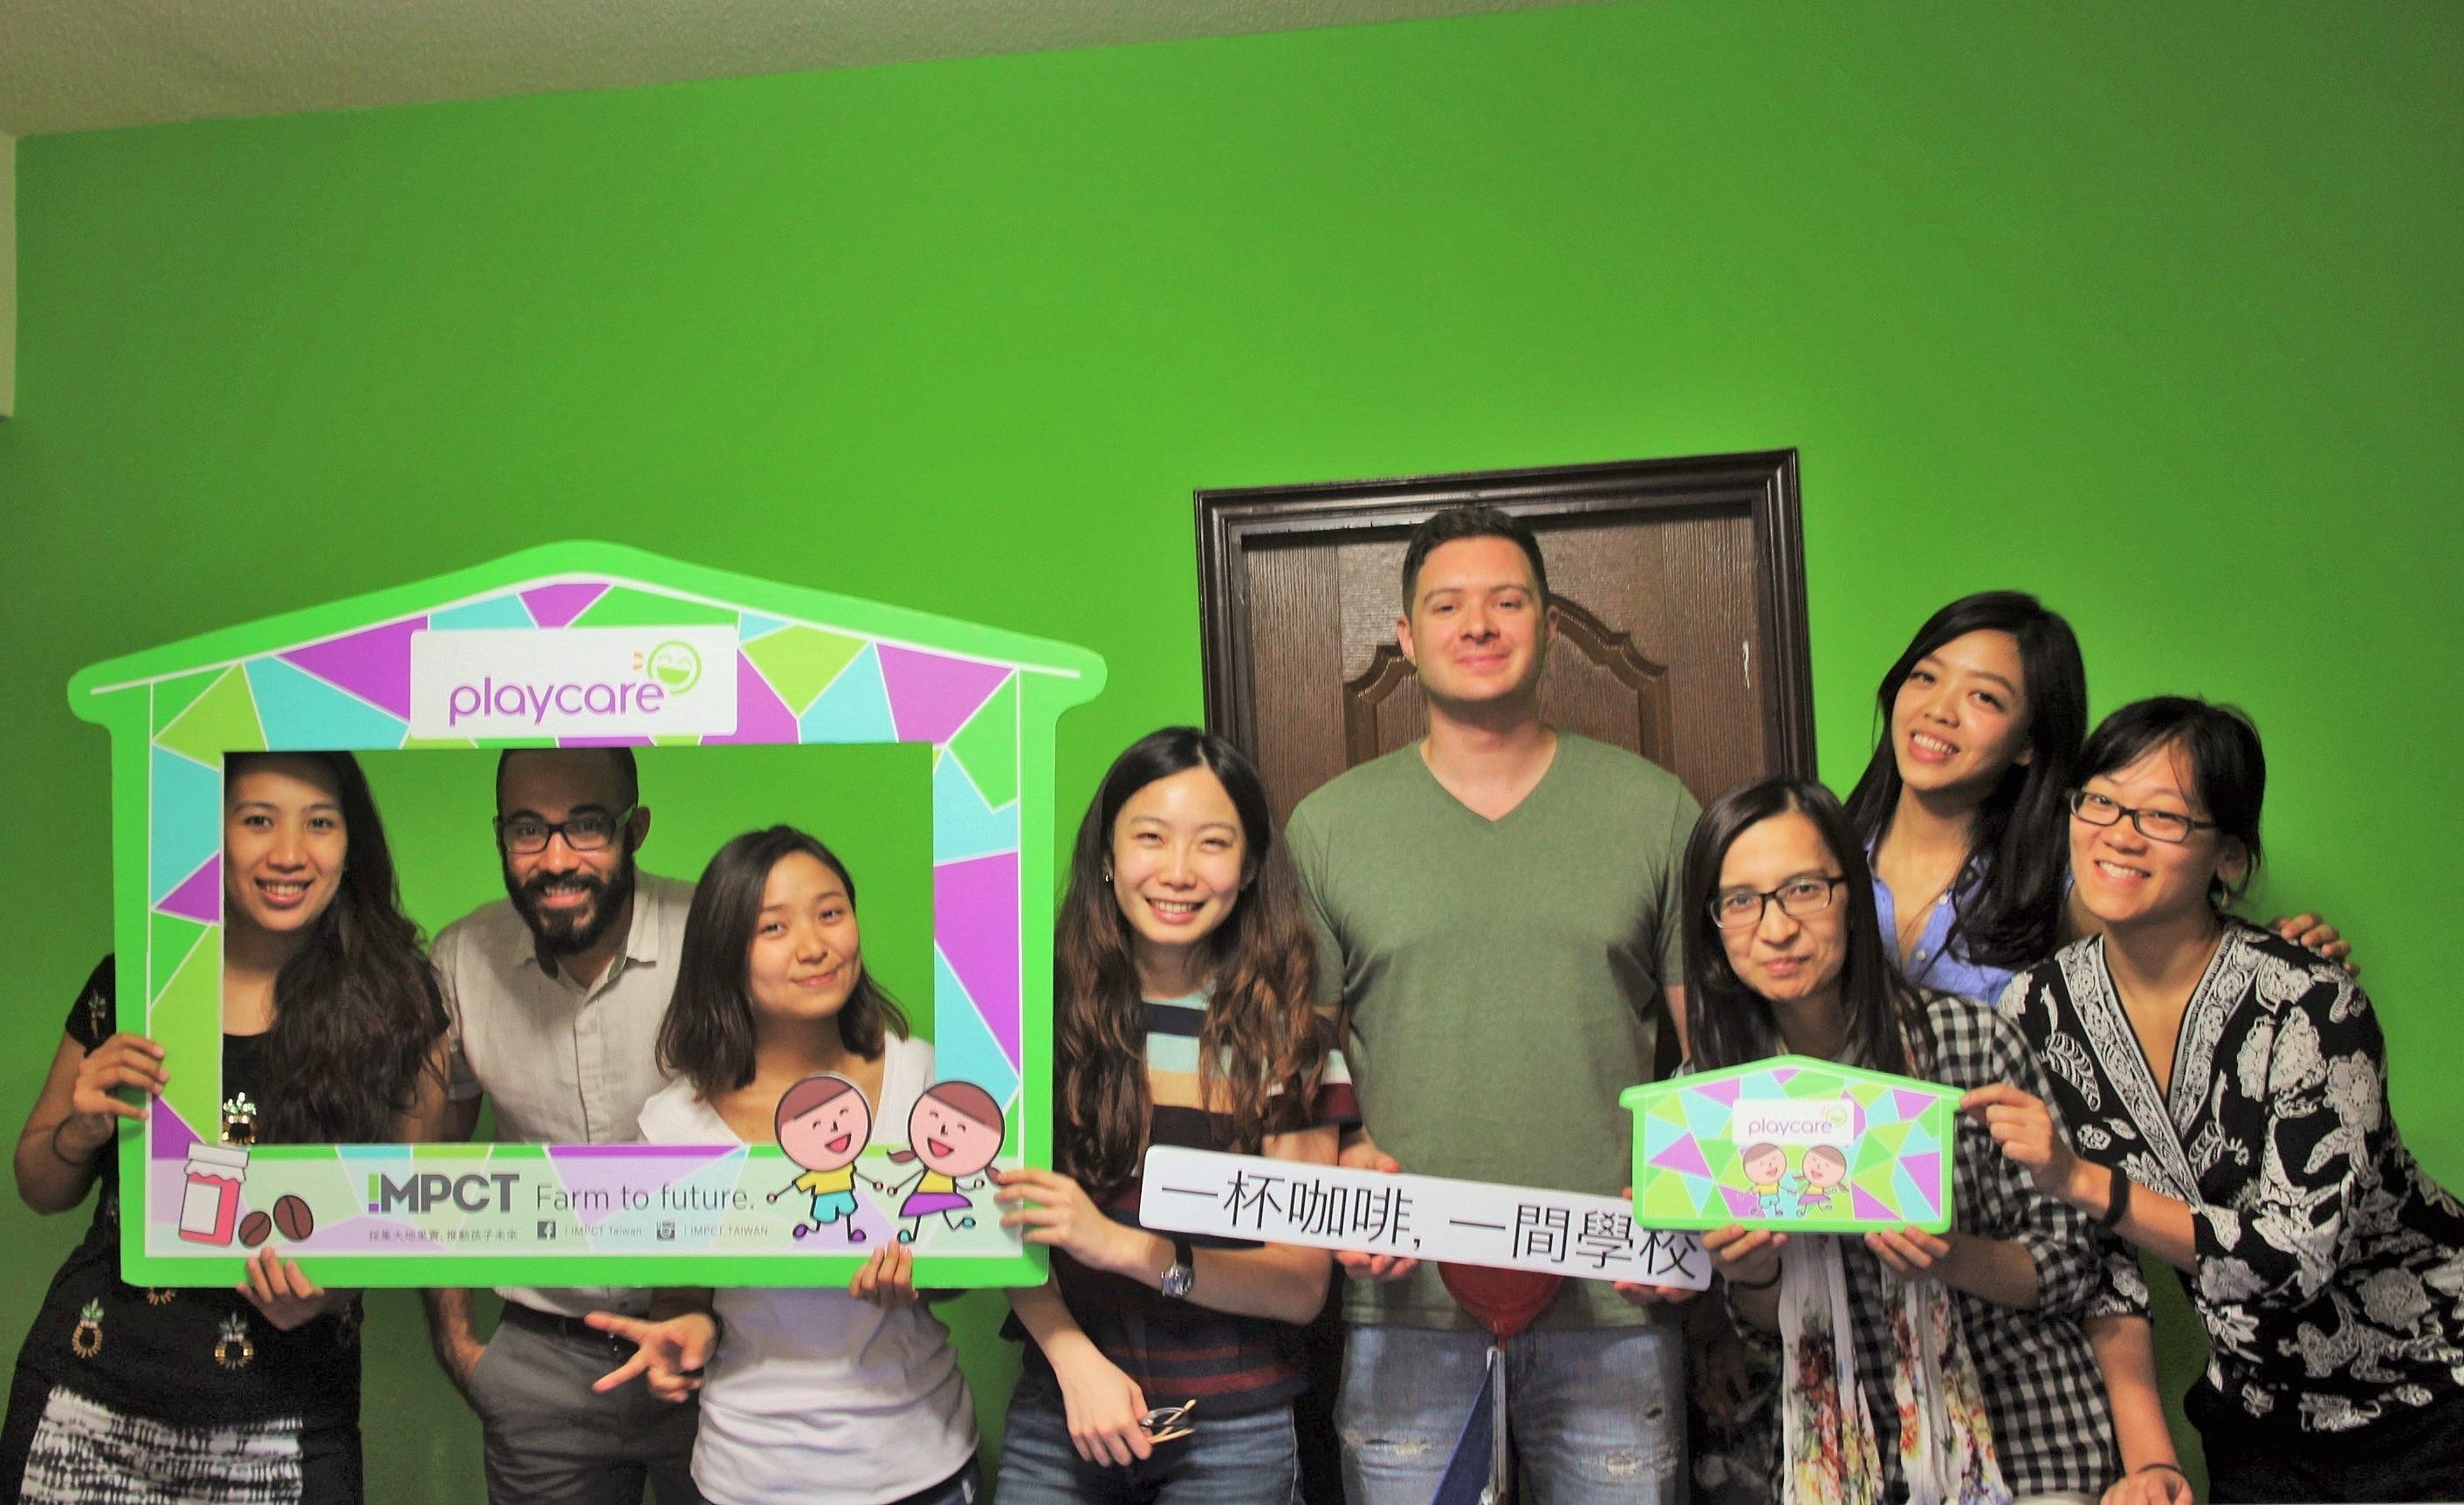 IMPCT 創辦人與員工合影於臺灣總部。圖/IMPC 提供